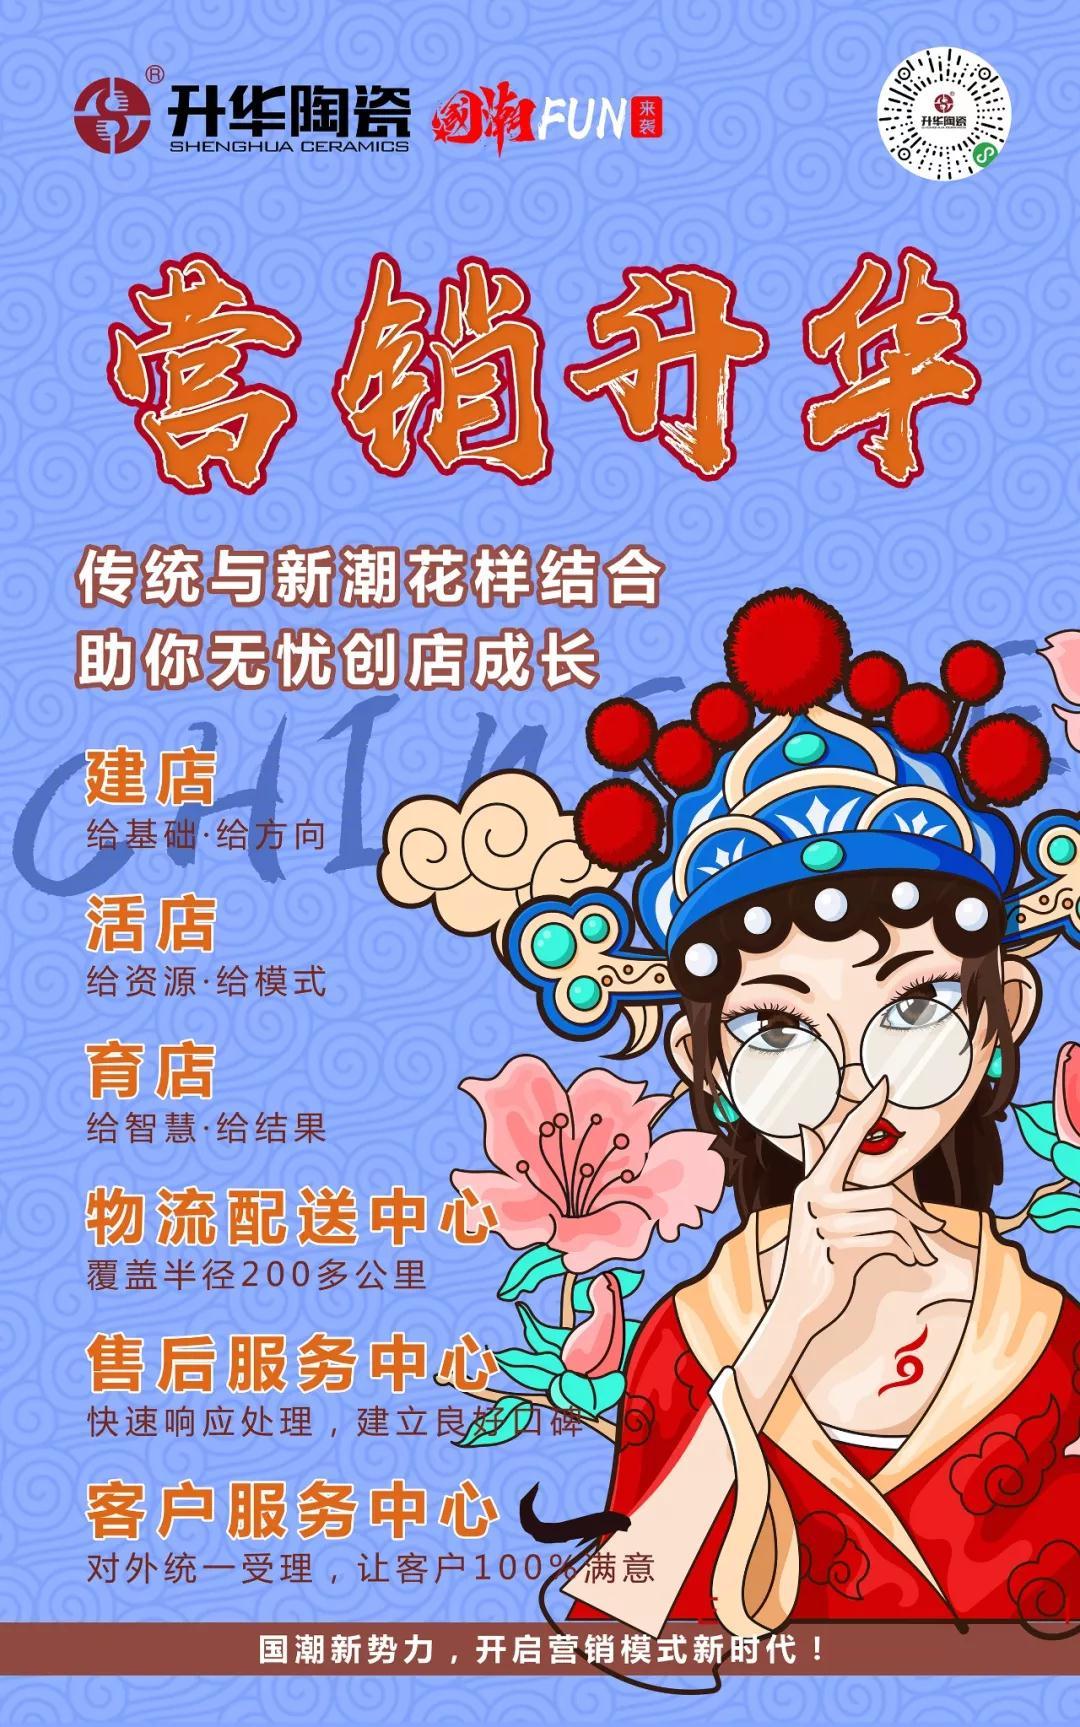 升华陶瓷|国潮新势力,开启营销模式新时代!